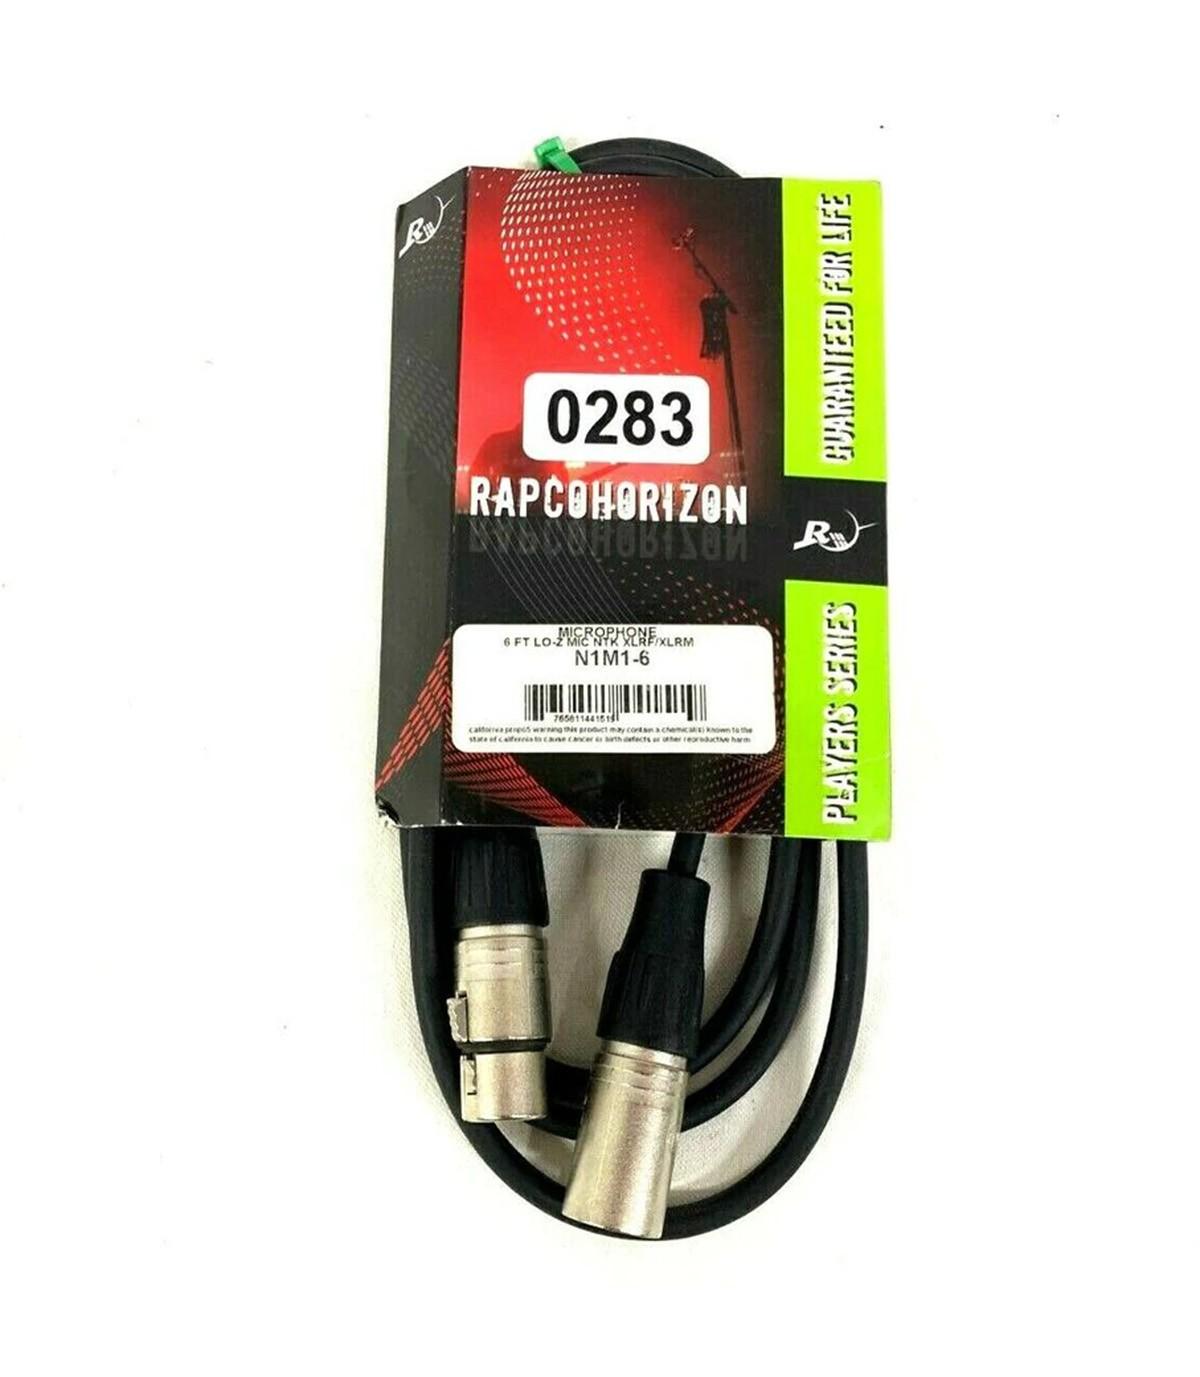 CABO P/MICROFONE XLR 3M RAPCOHORIZON N1M1-10